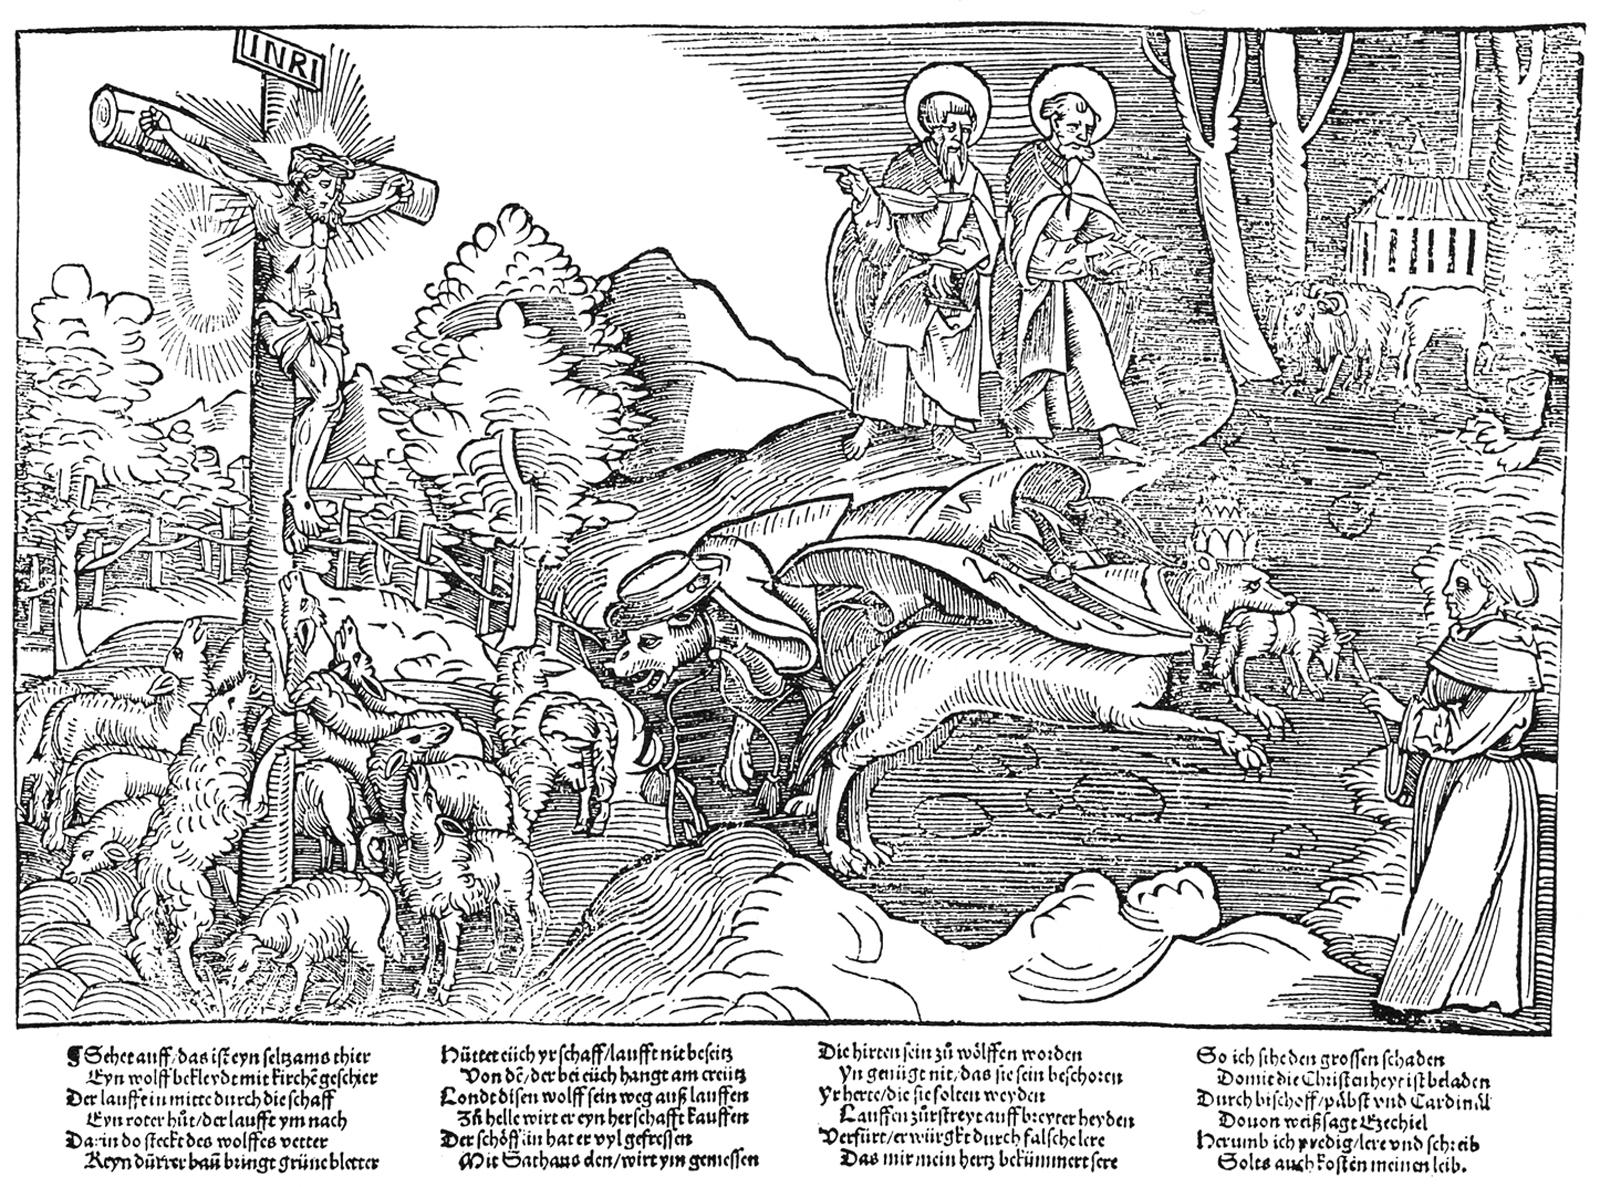 Die päpstlichen Wölfe (1520).